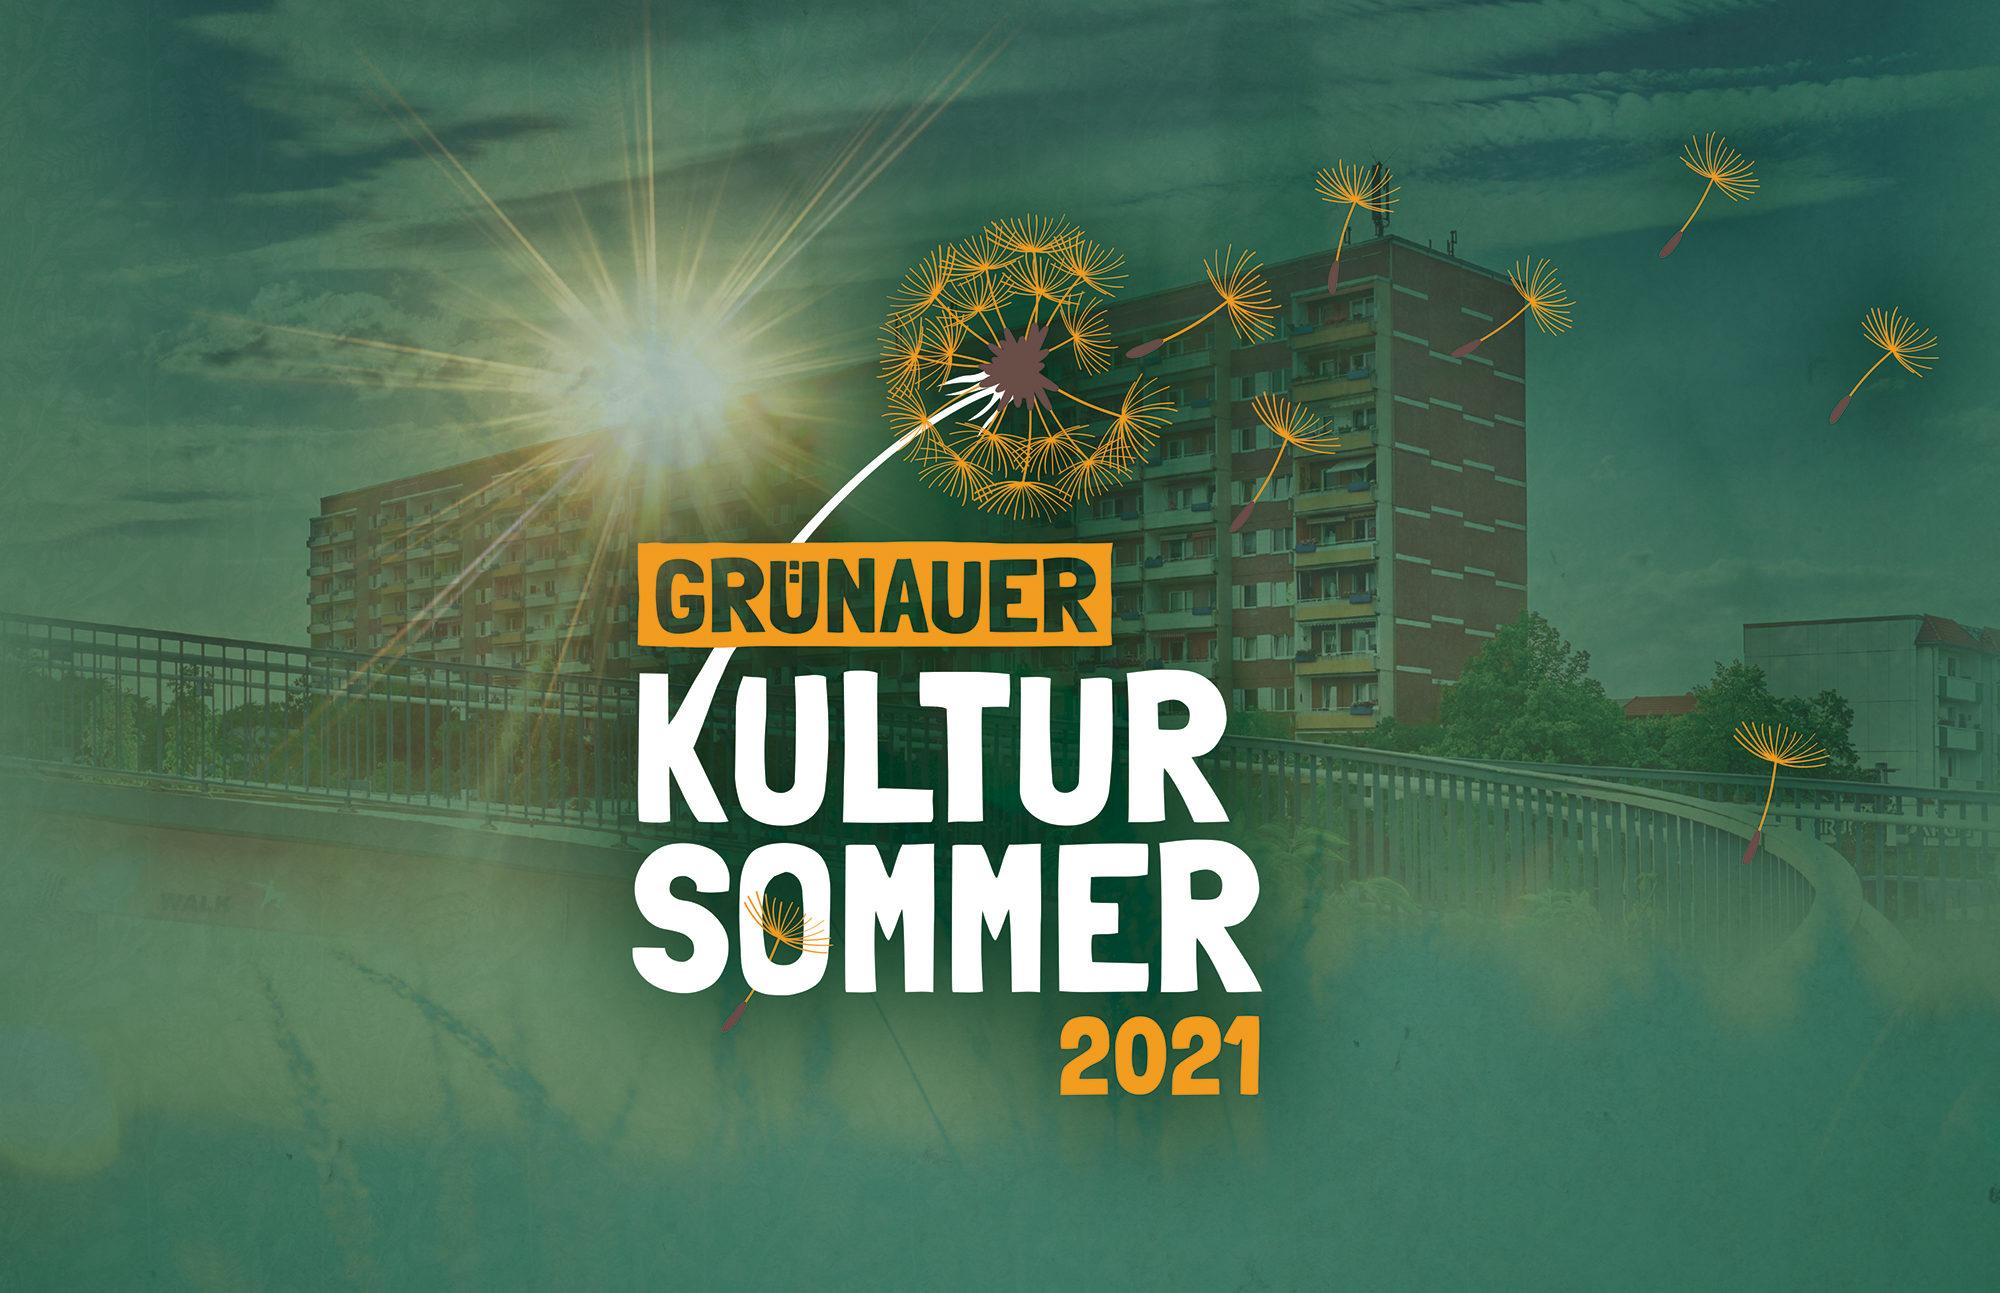 Grünauer Kultursommer 2021